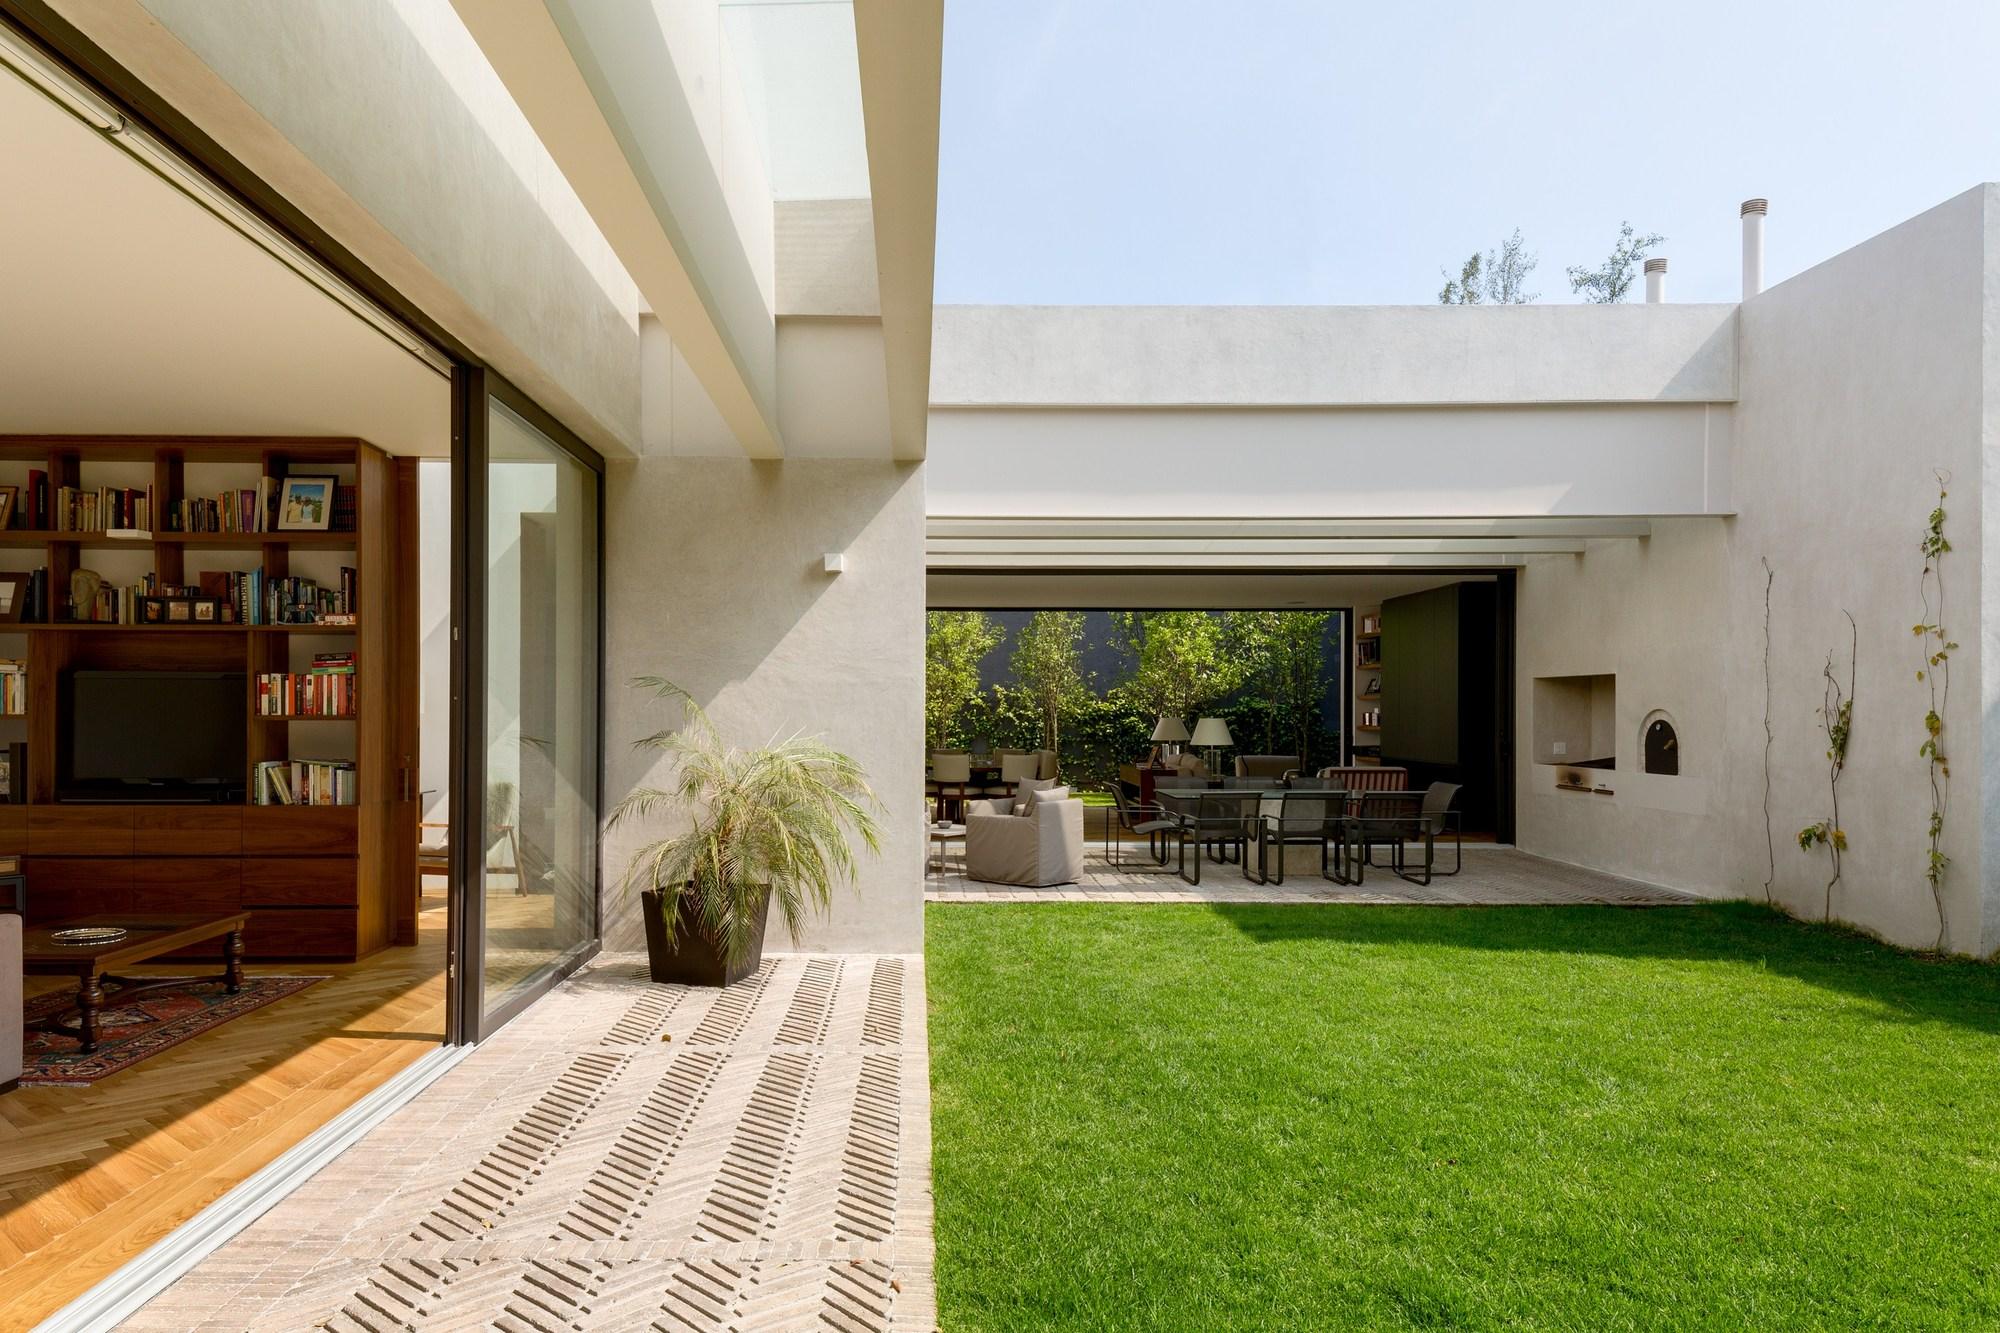 Galer a de casa jard n dcpp arquitectos 23 for Jardin en casa